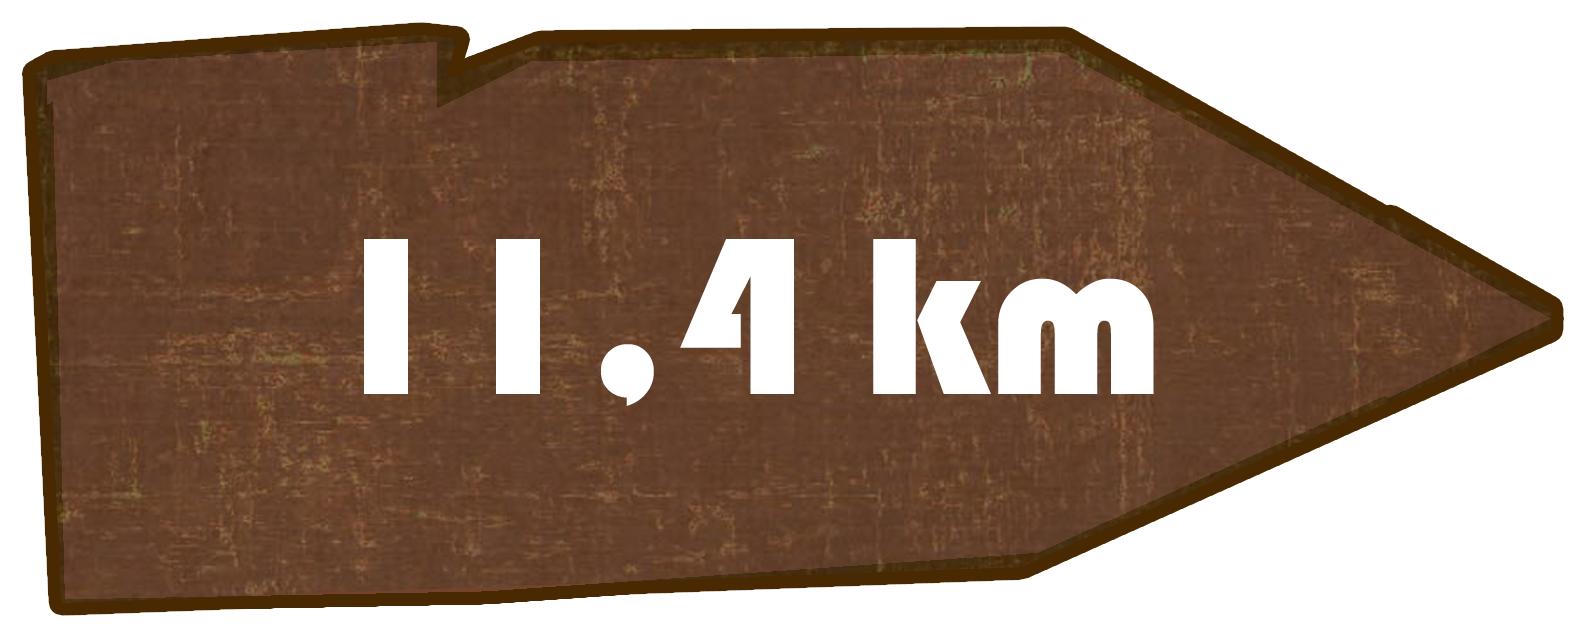 Kilometer Stauseetour